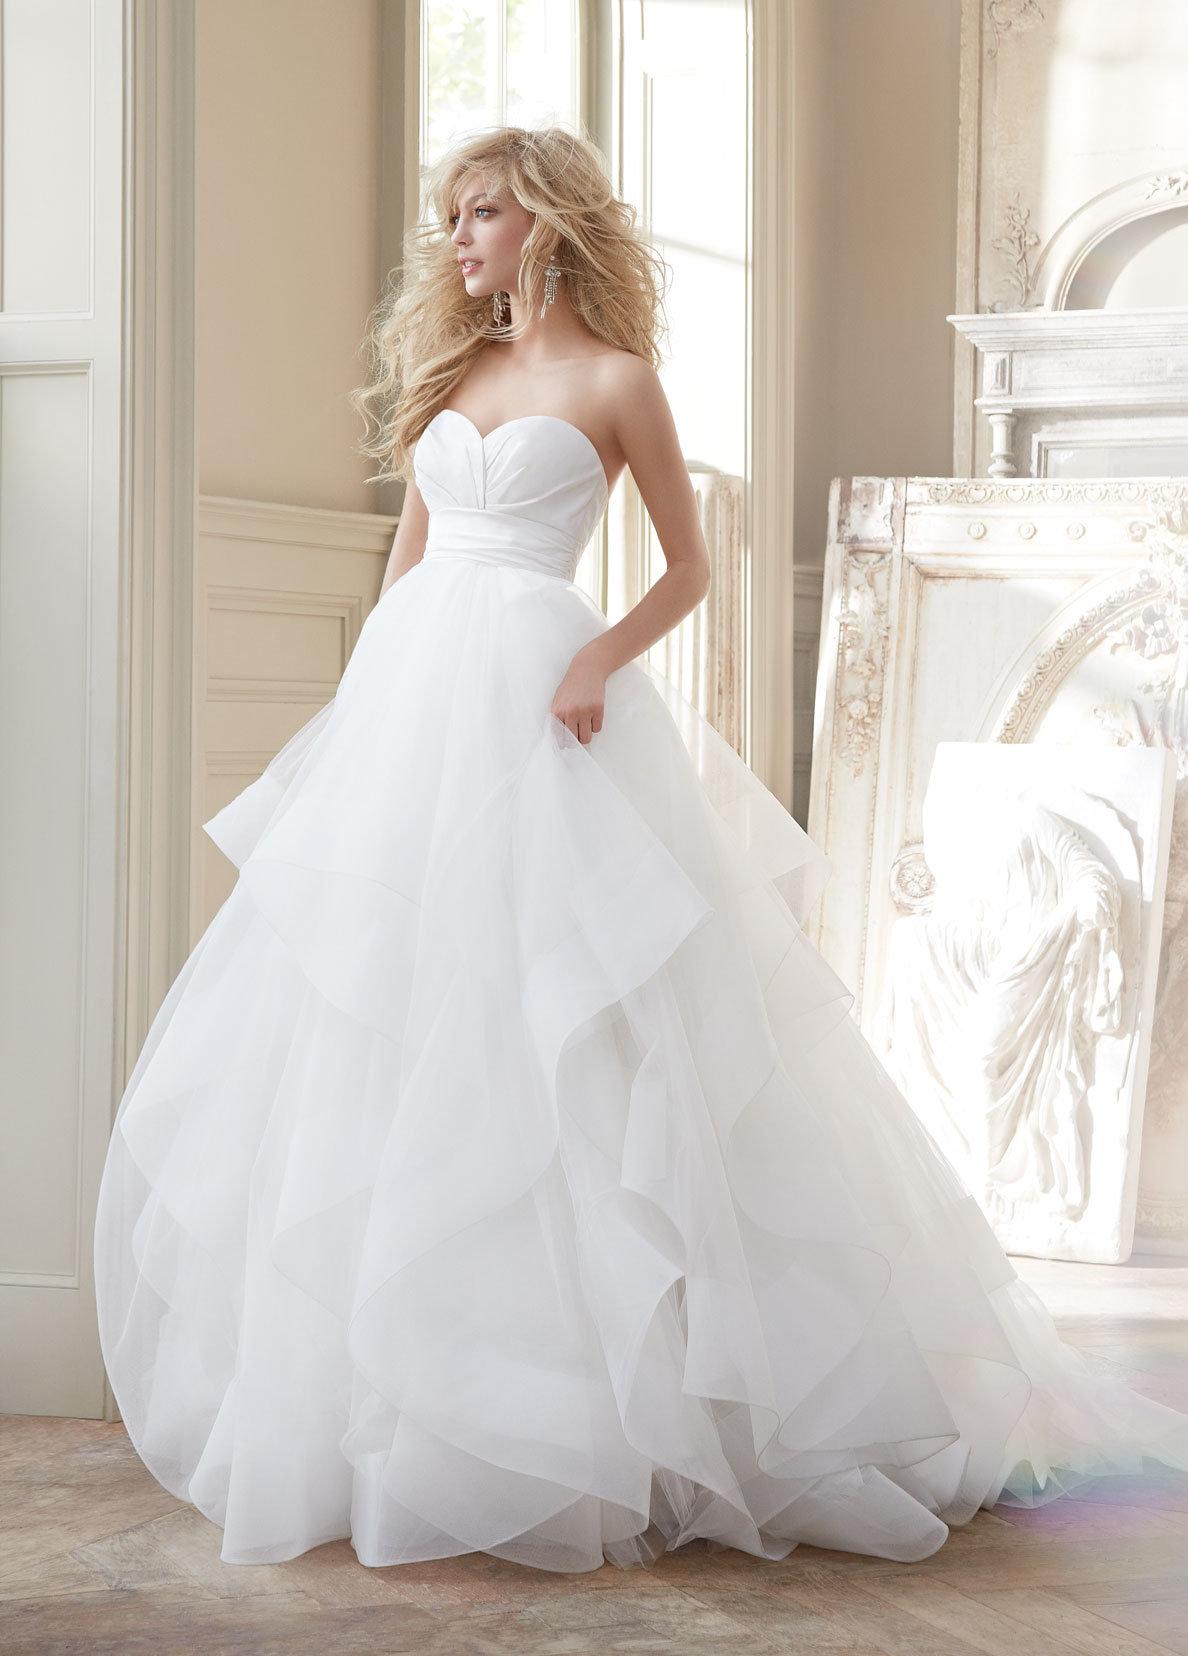 wedding dresses style photo - 1